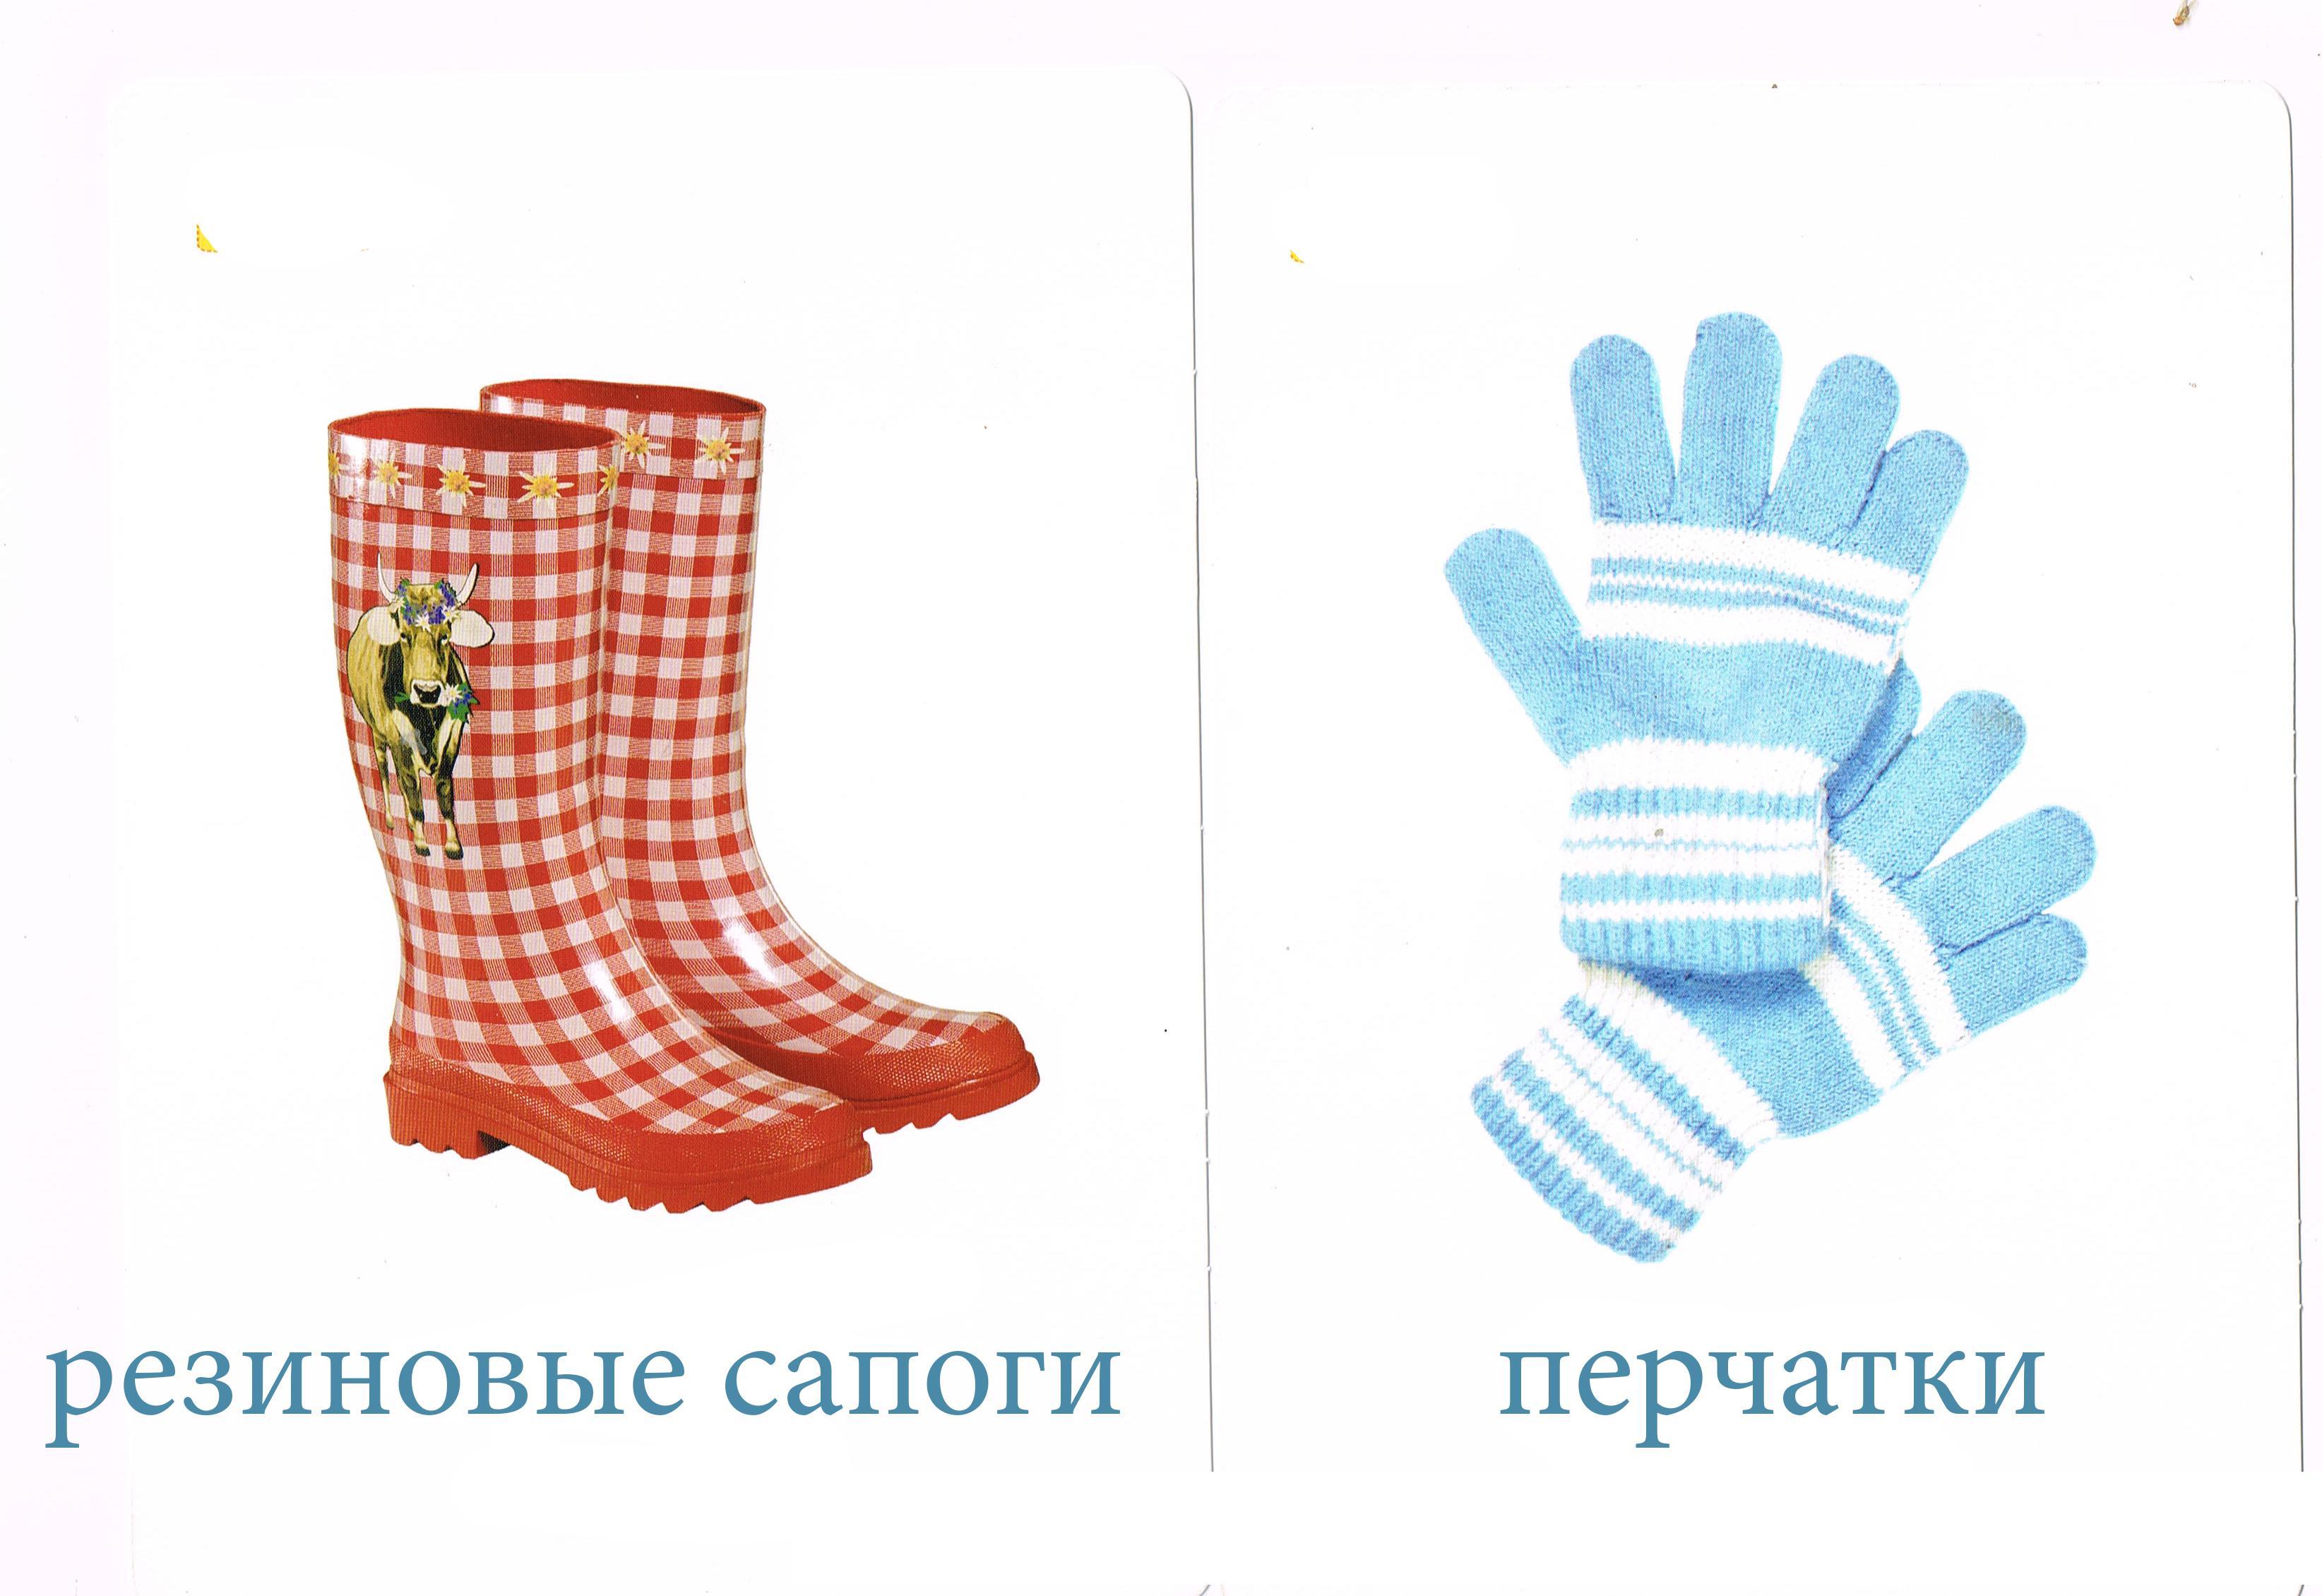 Резиновые сапоги и перчатки